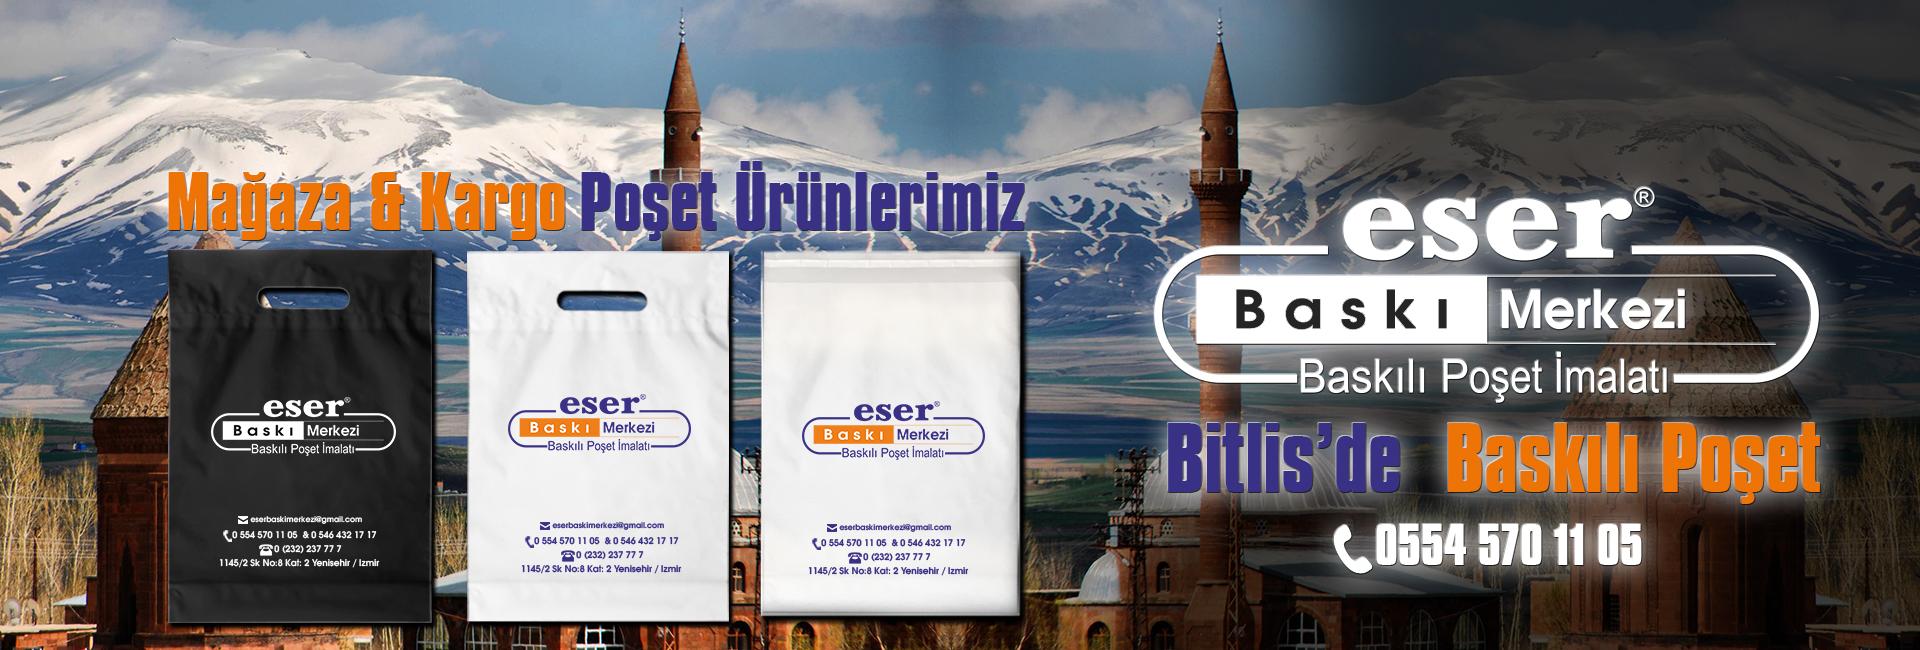 Bitlis Baskılı Poşet